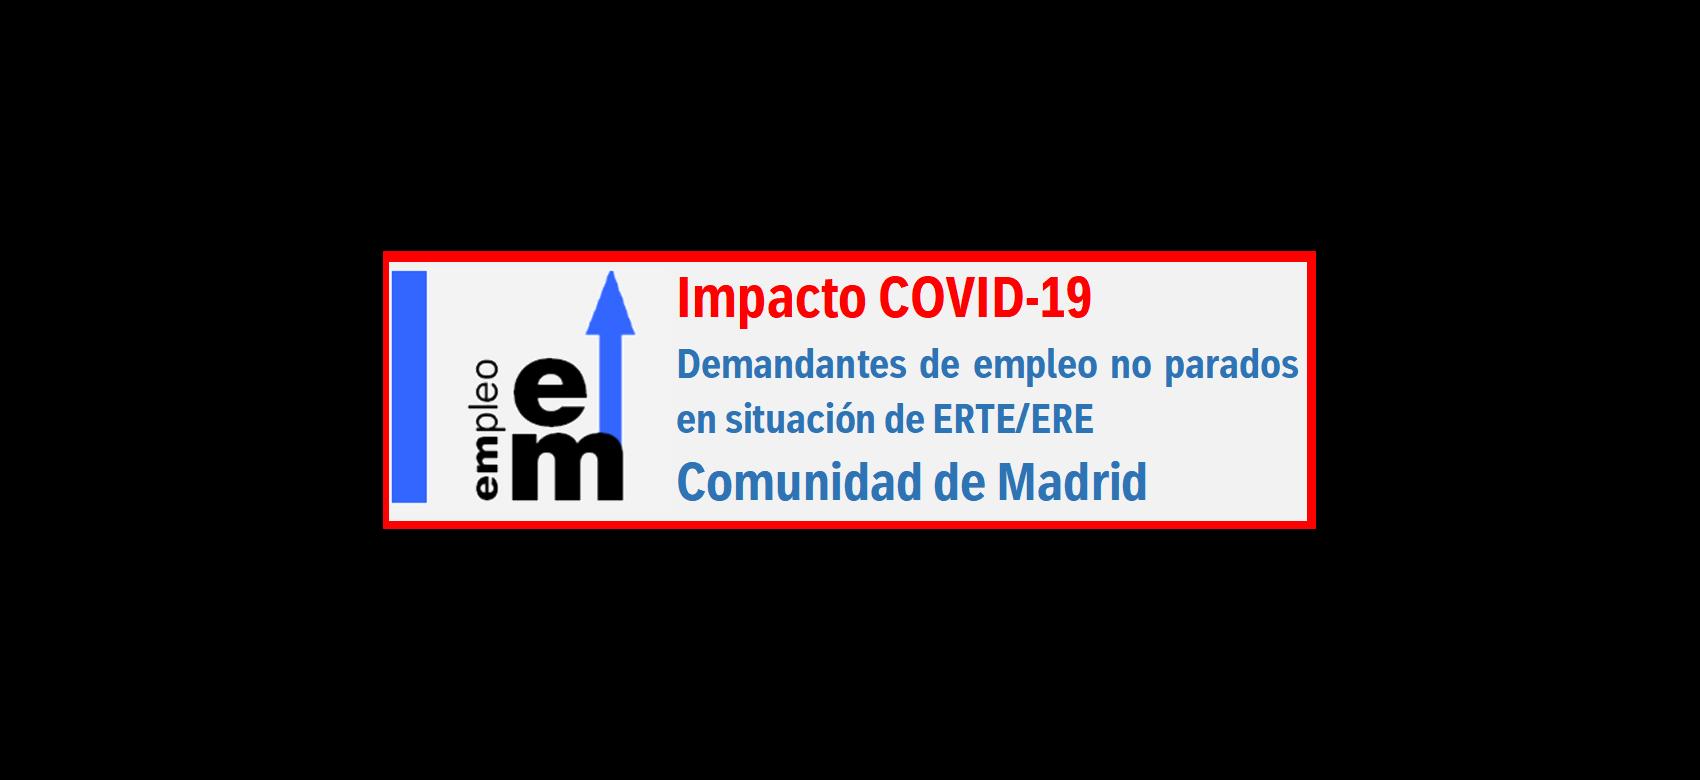 Texto Impacto COVID-19 ERTE_ERE